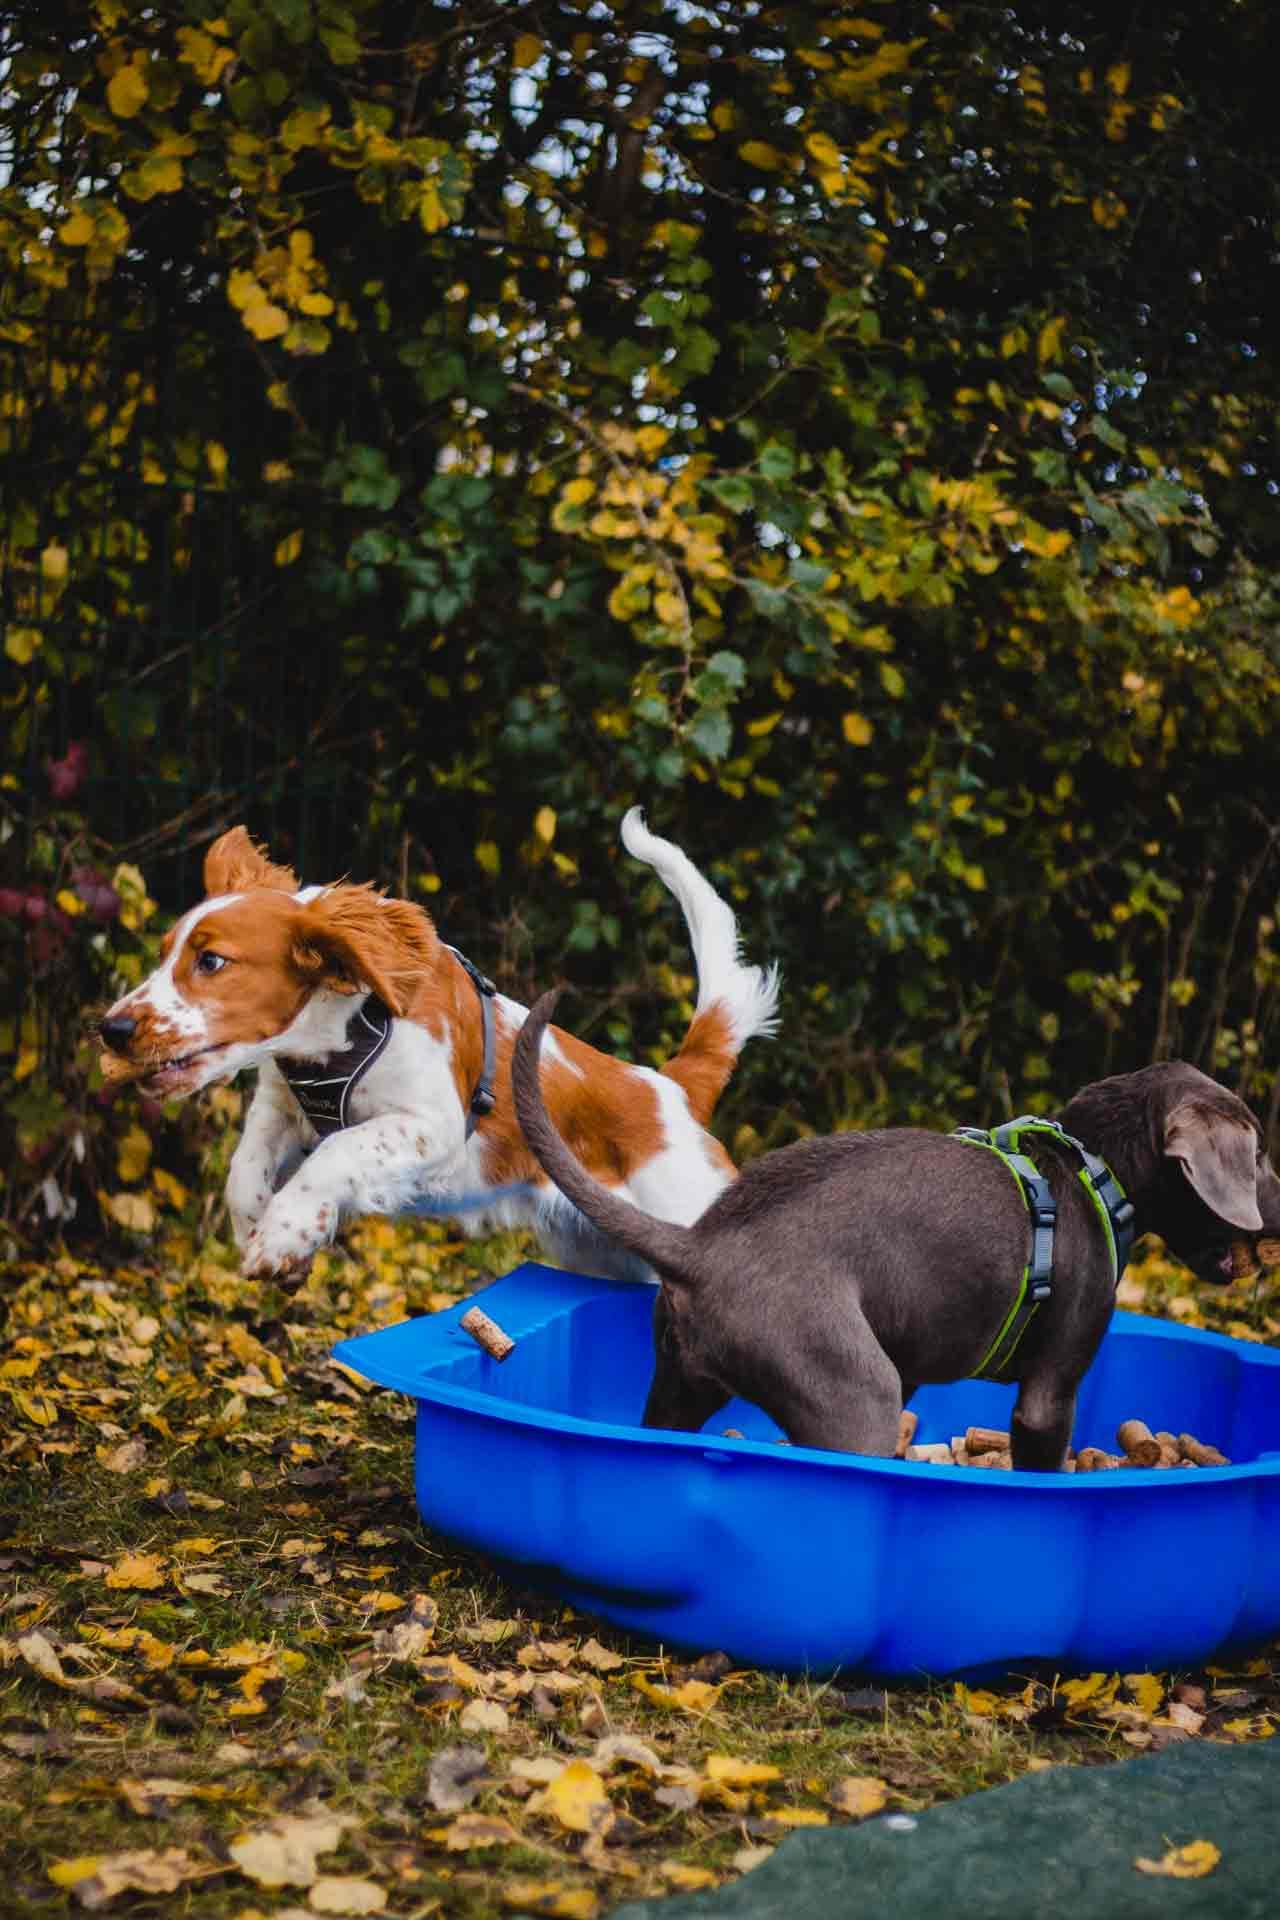 hundpunkt_hundeschule_muenster-ibbenbueren-welpentraining-junghund